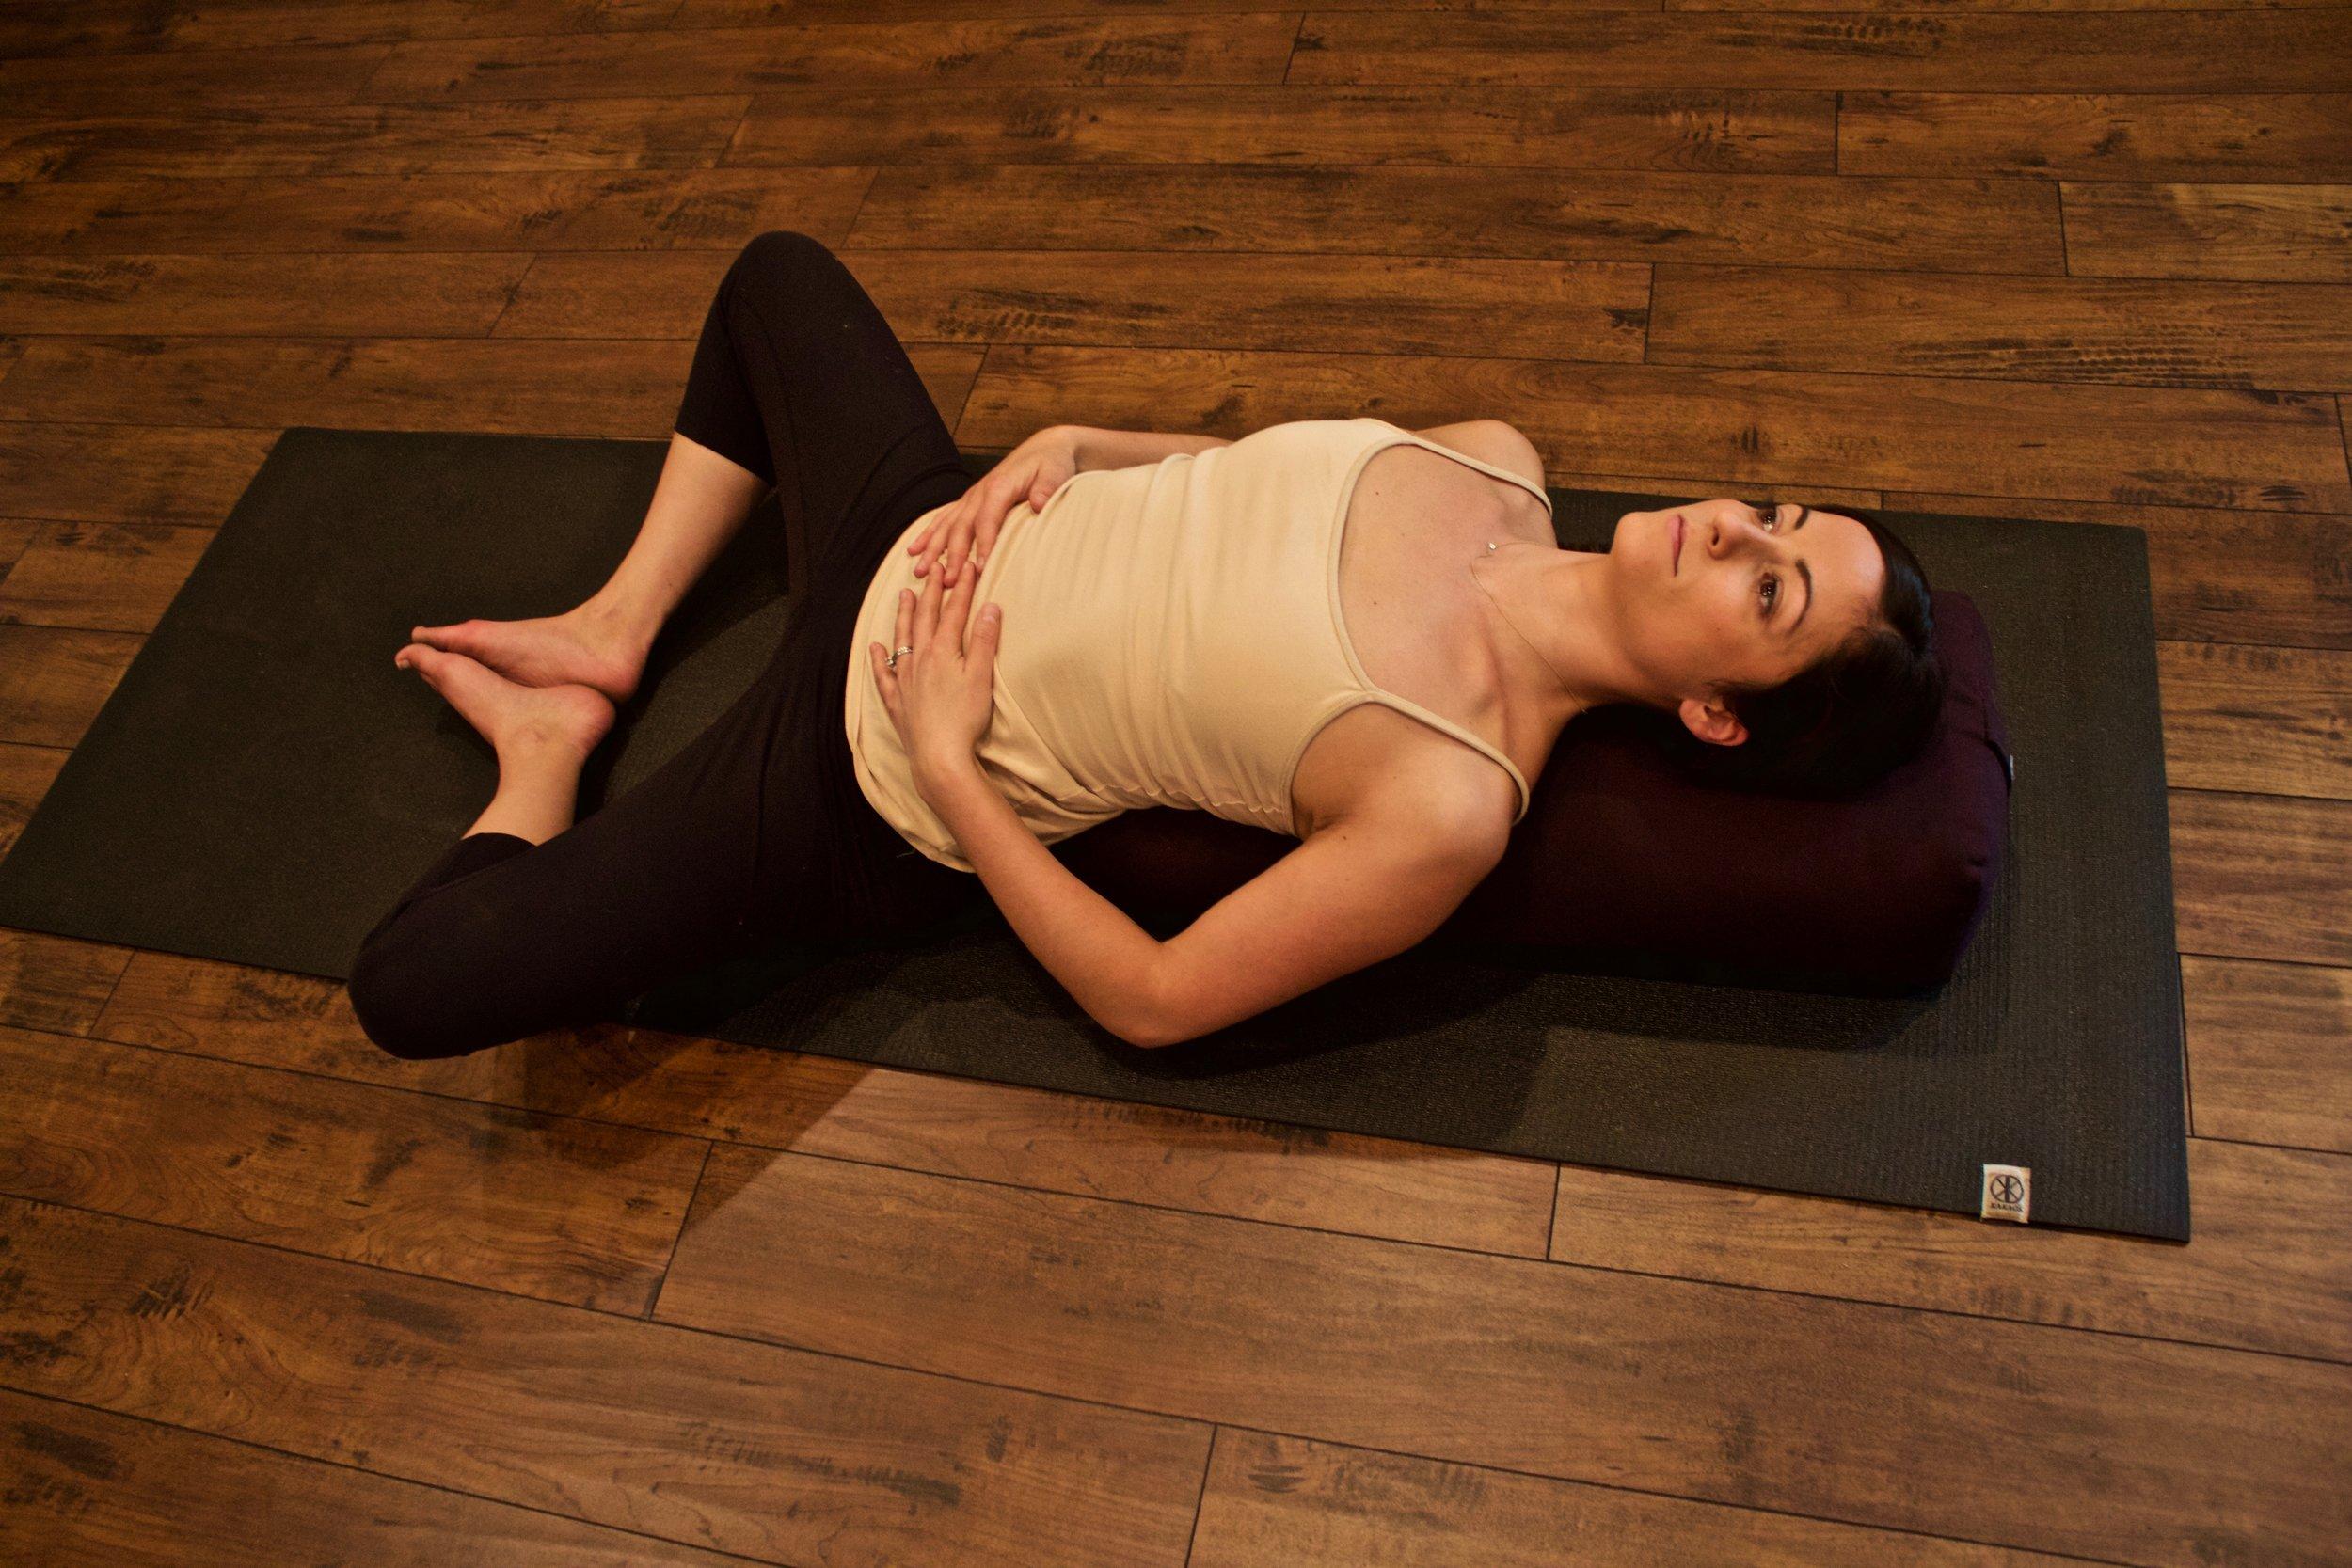 Anal stretching training plan